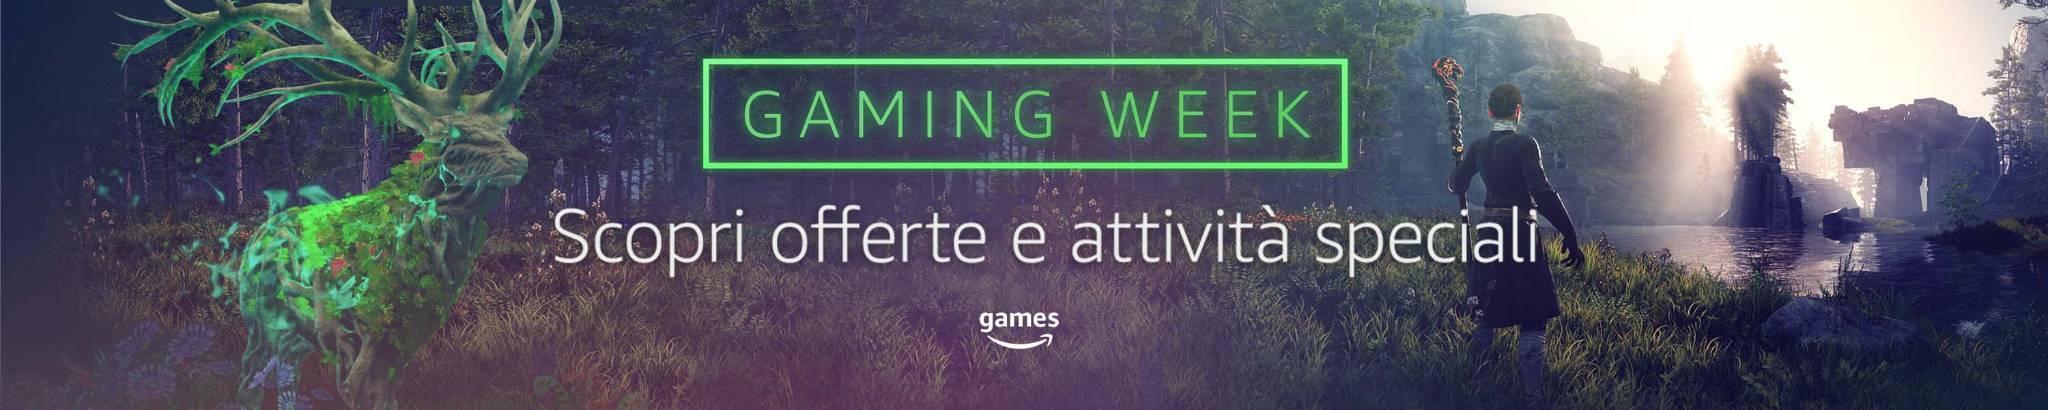 Banner Amazon Gaming Week 2021